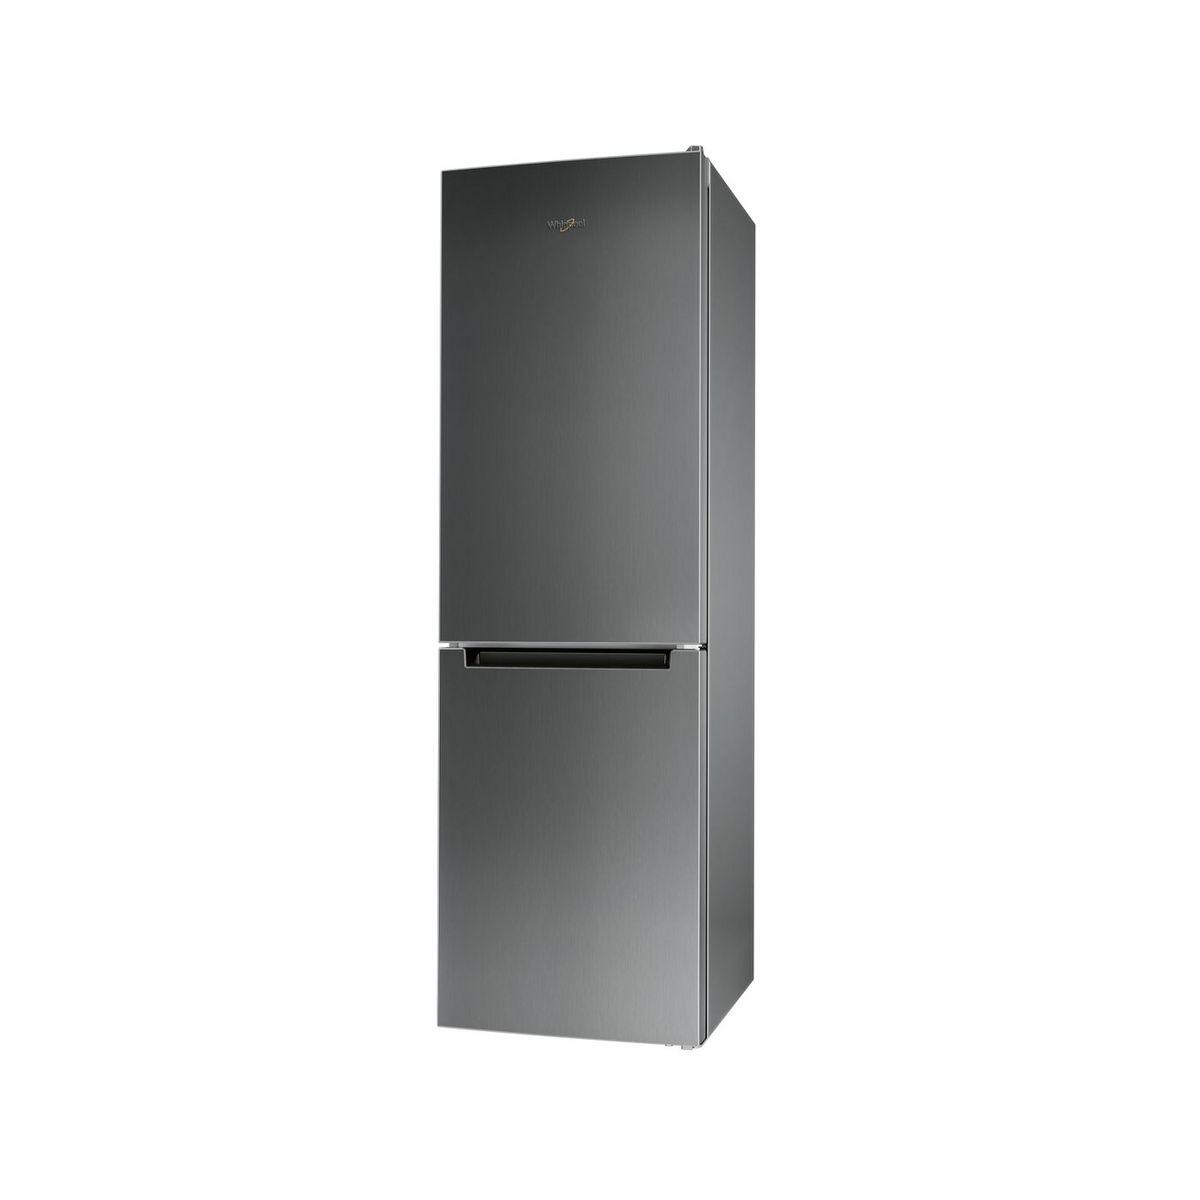 Réfrigérateur combiné WFNF81EOX, 320 L, Total no Frost